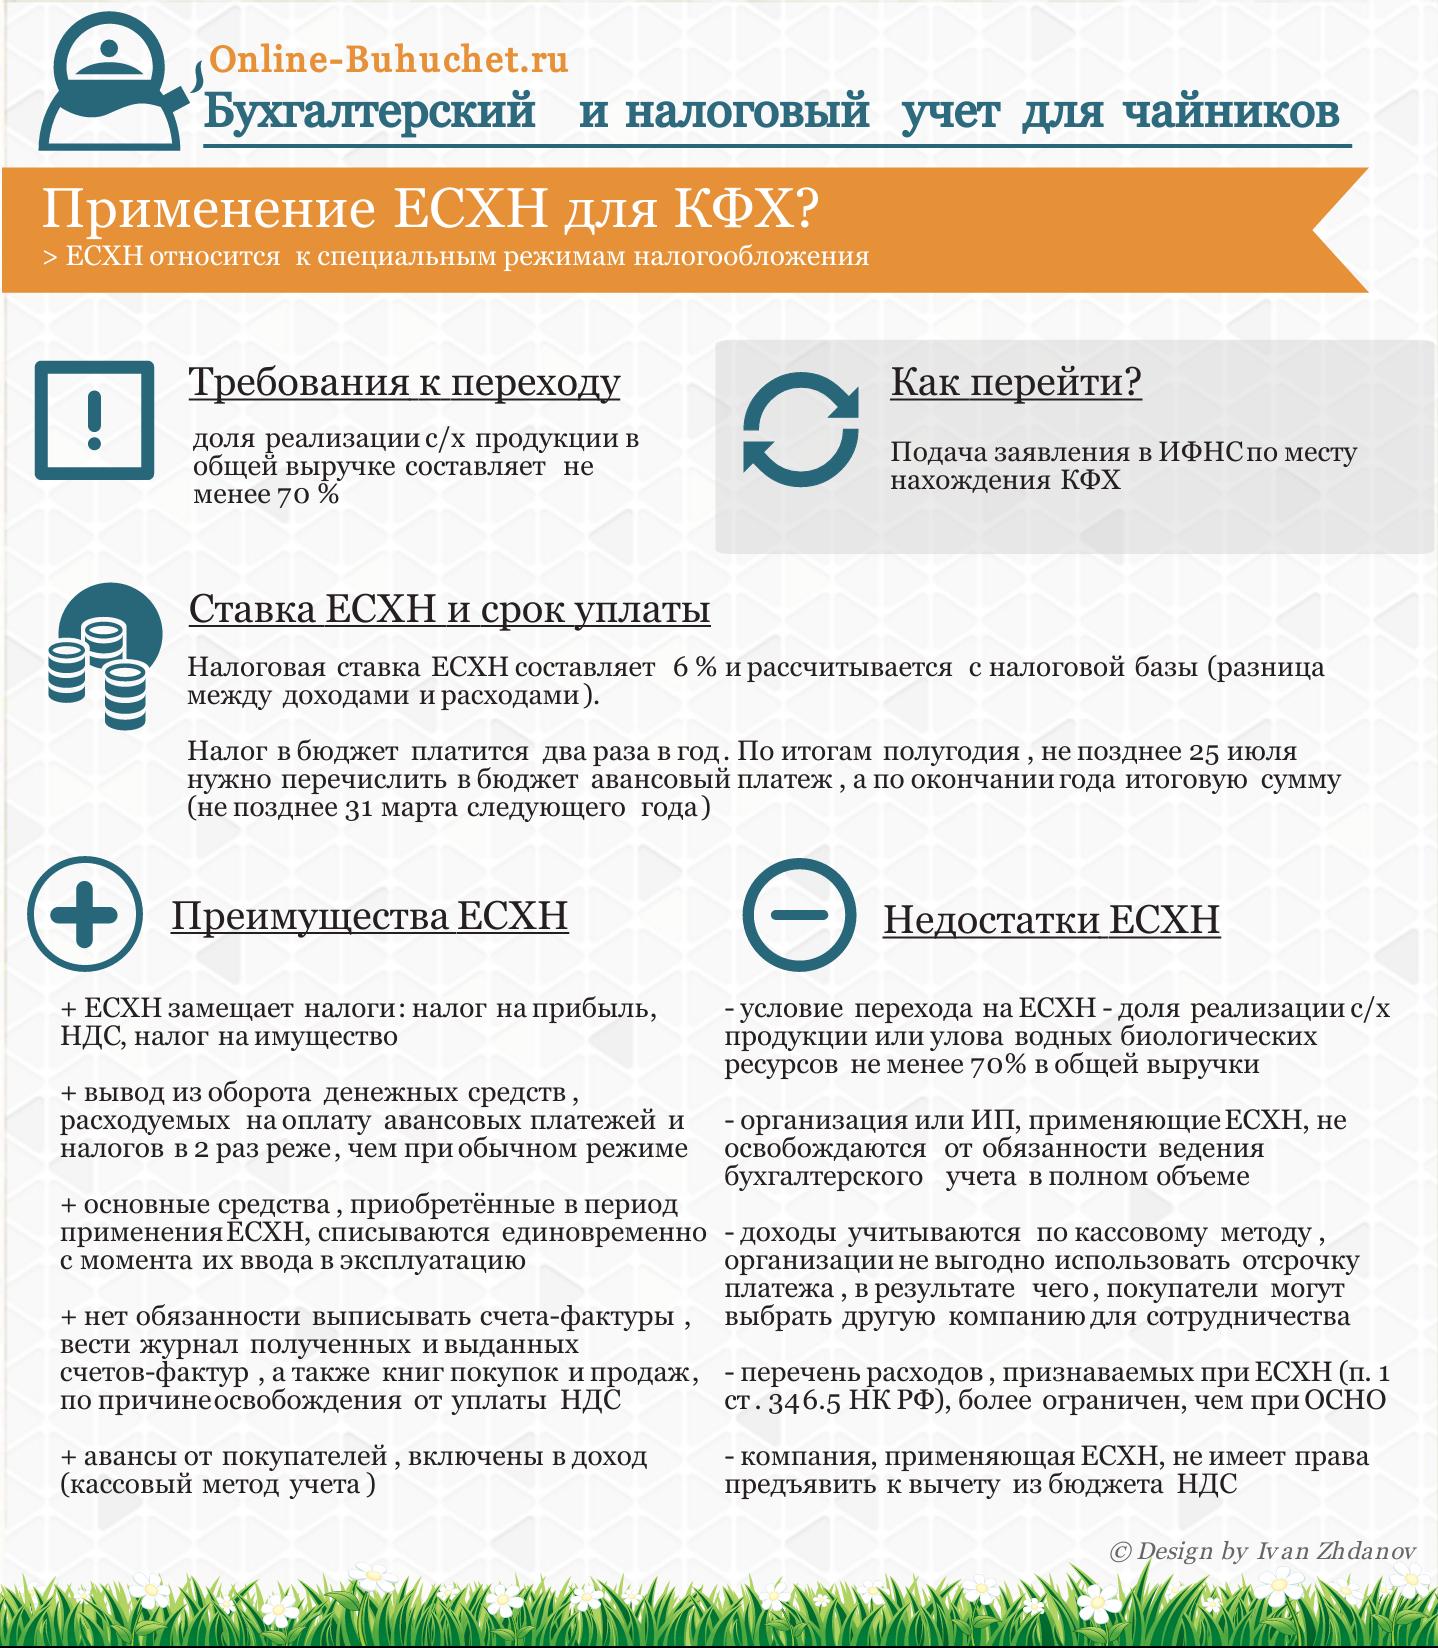 Применение ЕСХН для КФХ, преимущества и недостатки, процентная ставка, требования